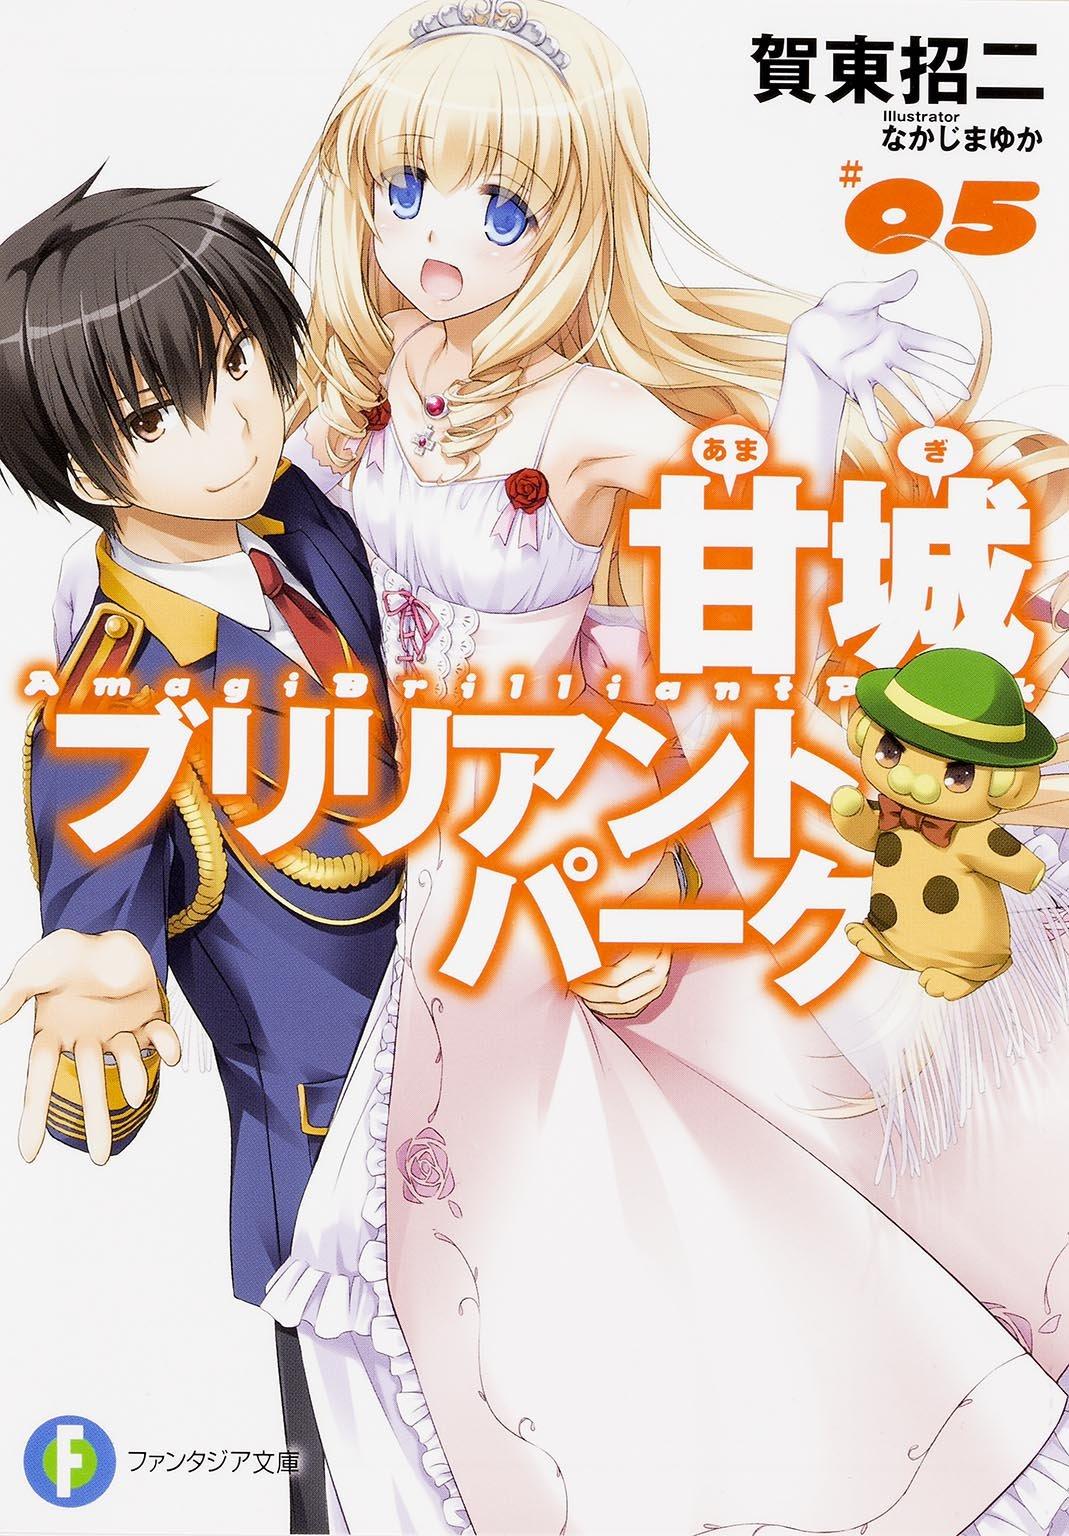 Light Novel Volume 5